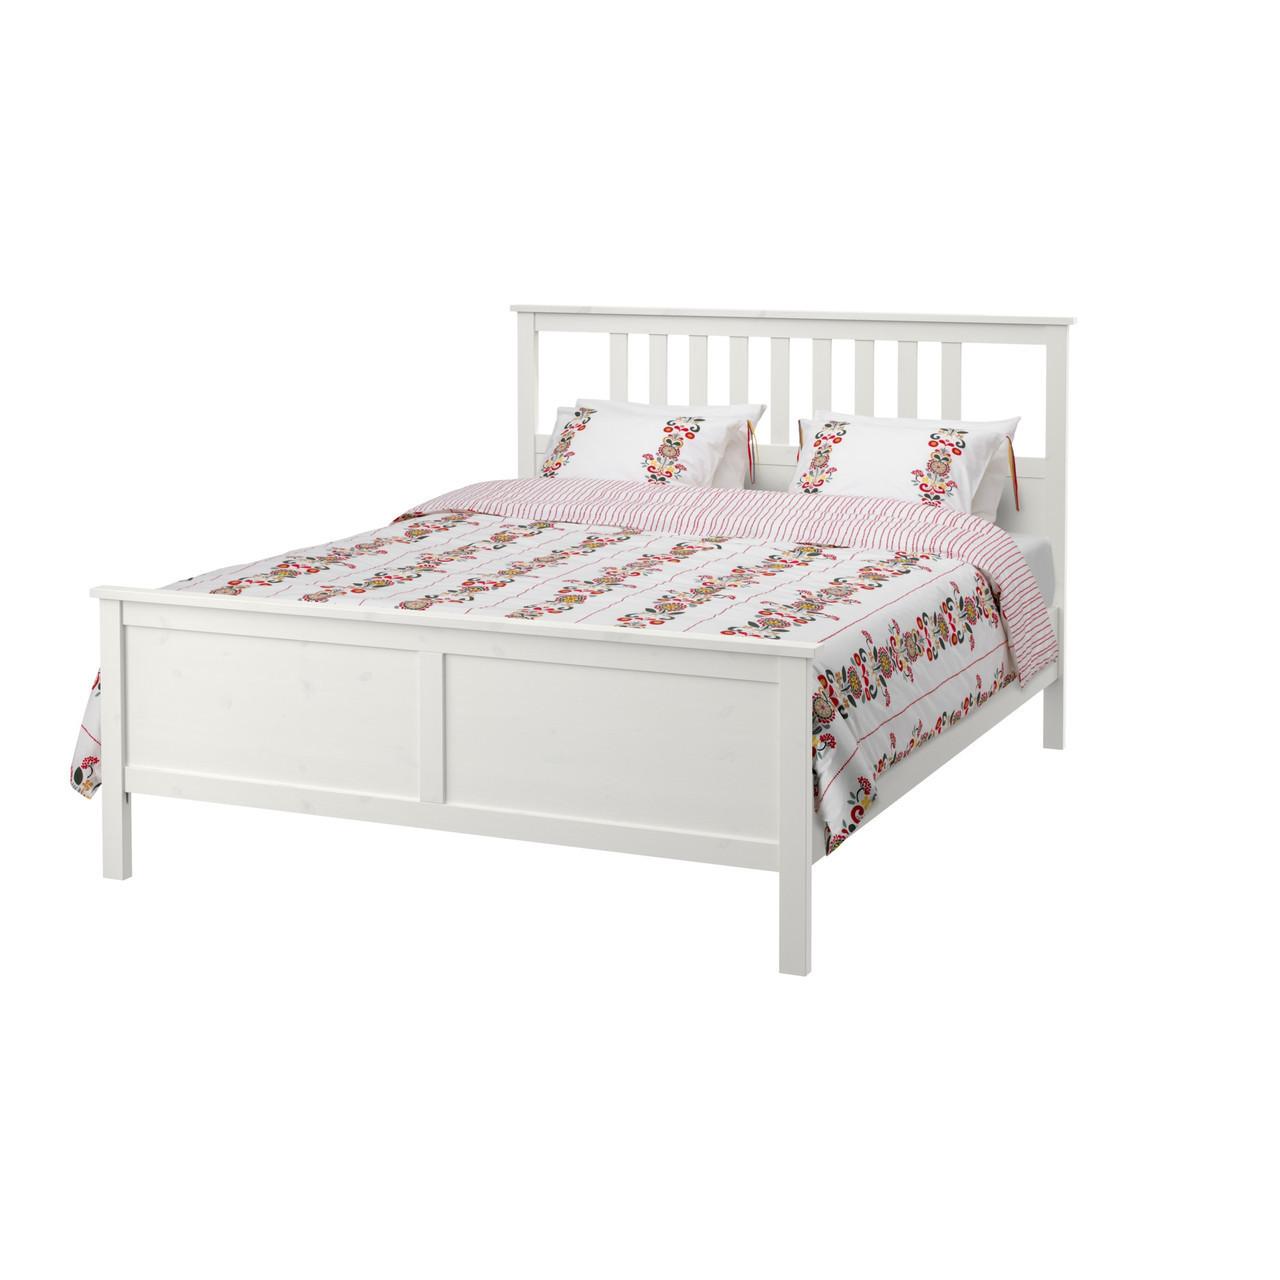 HEMNES Каркас кровати, белая морилка, Leirsund 290.197.92